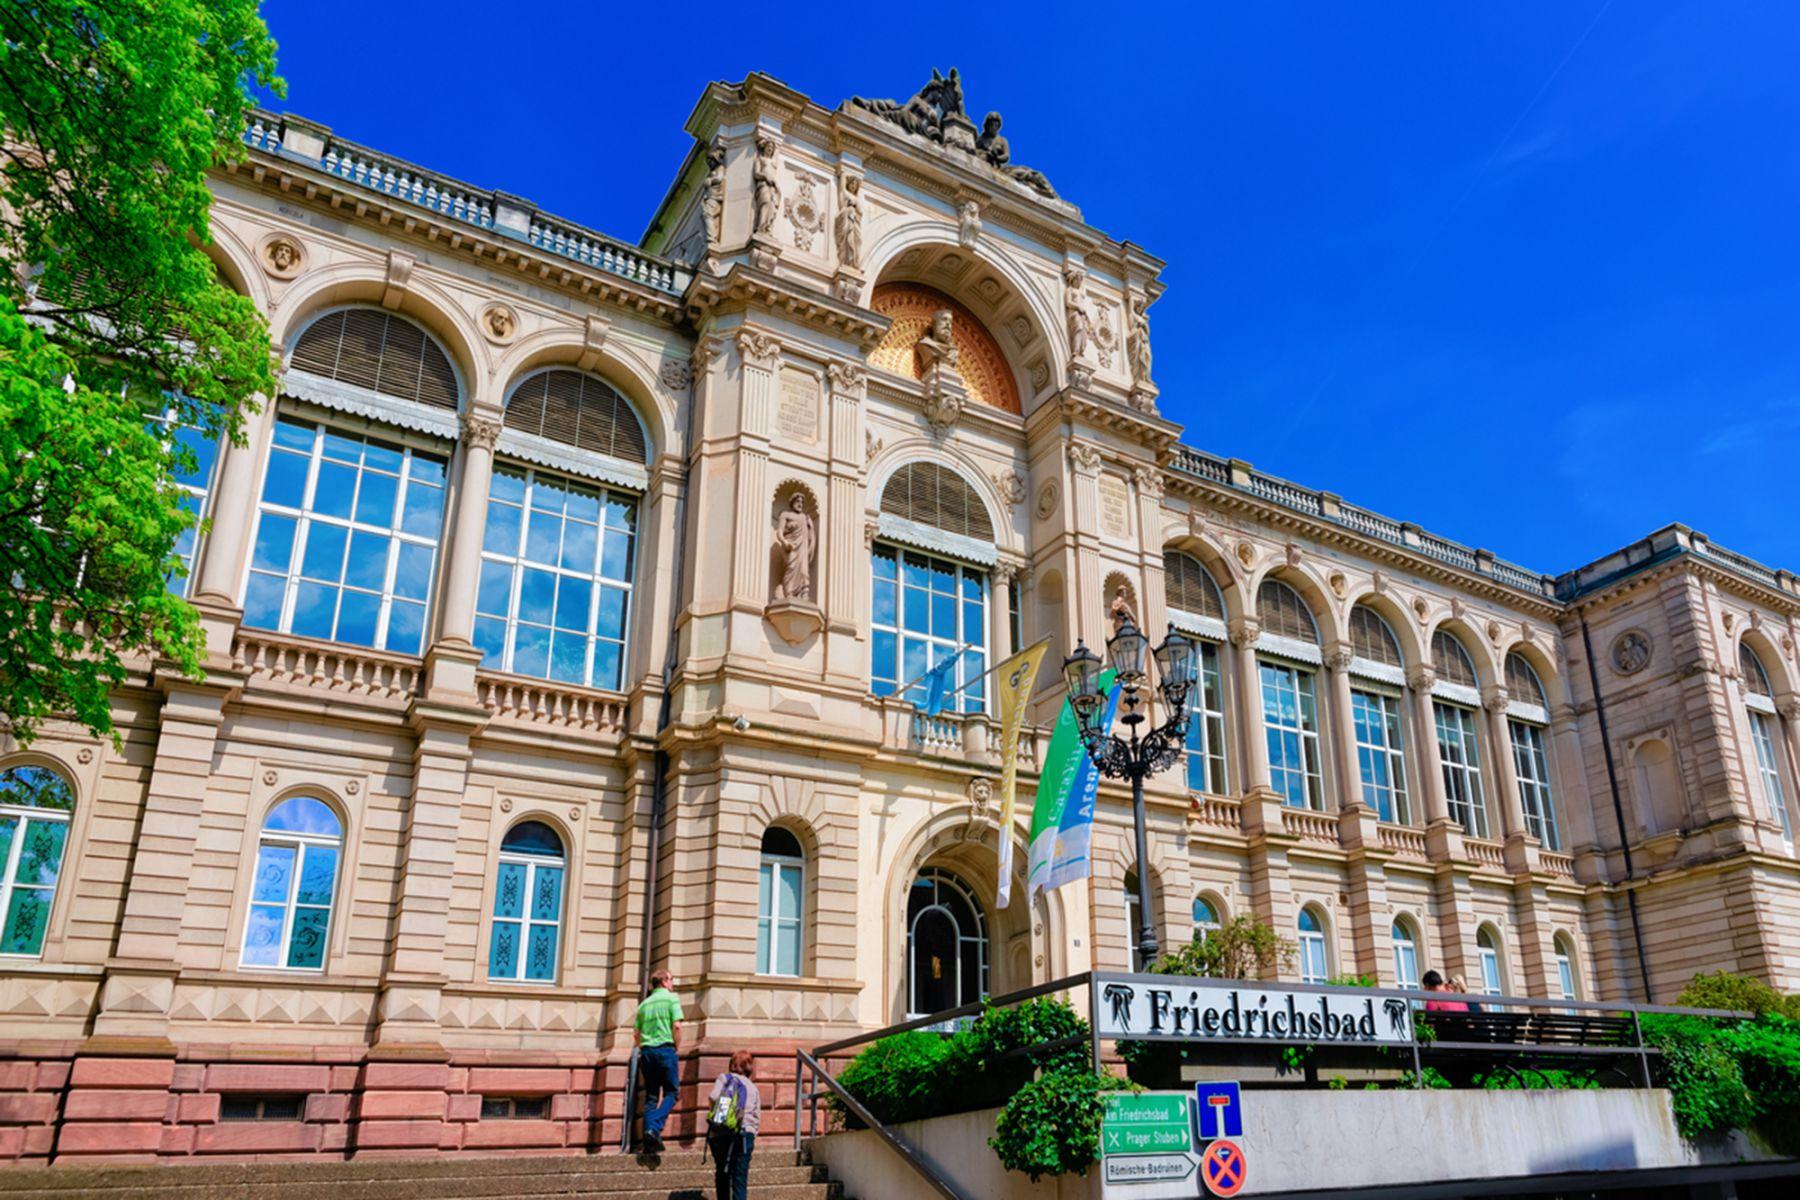 Het friedrichshaus in Baden-Baden | credit: RomanBabakin (iStock)